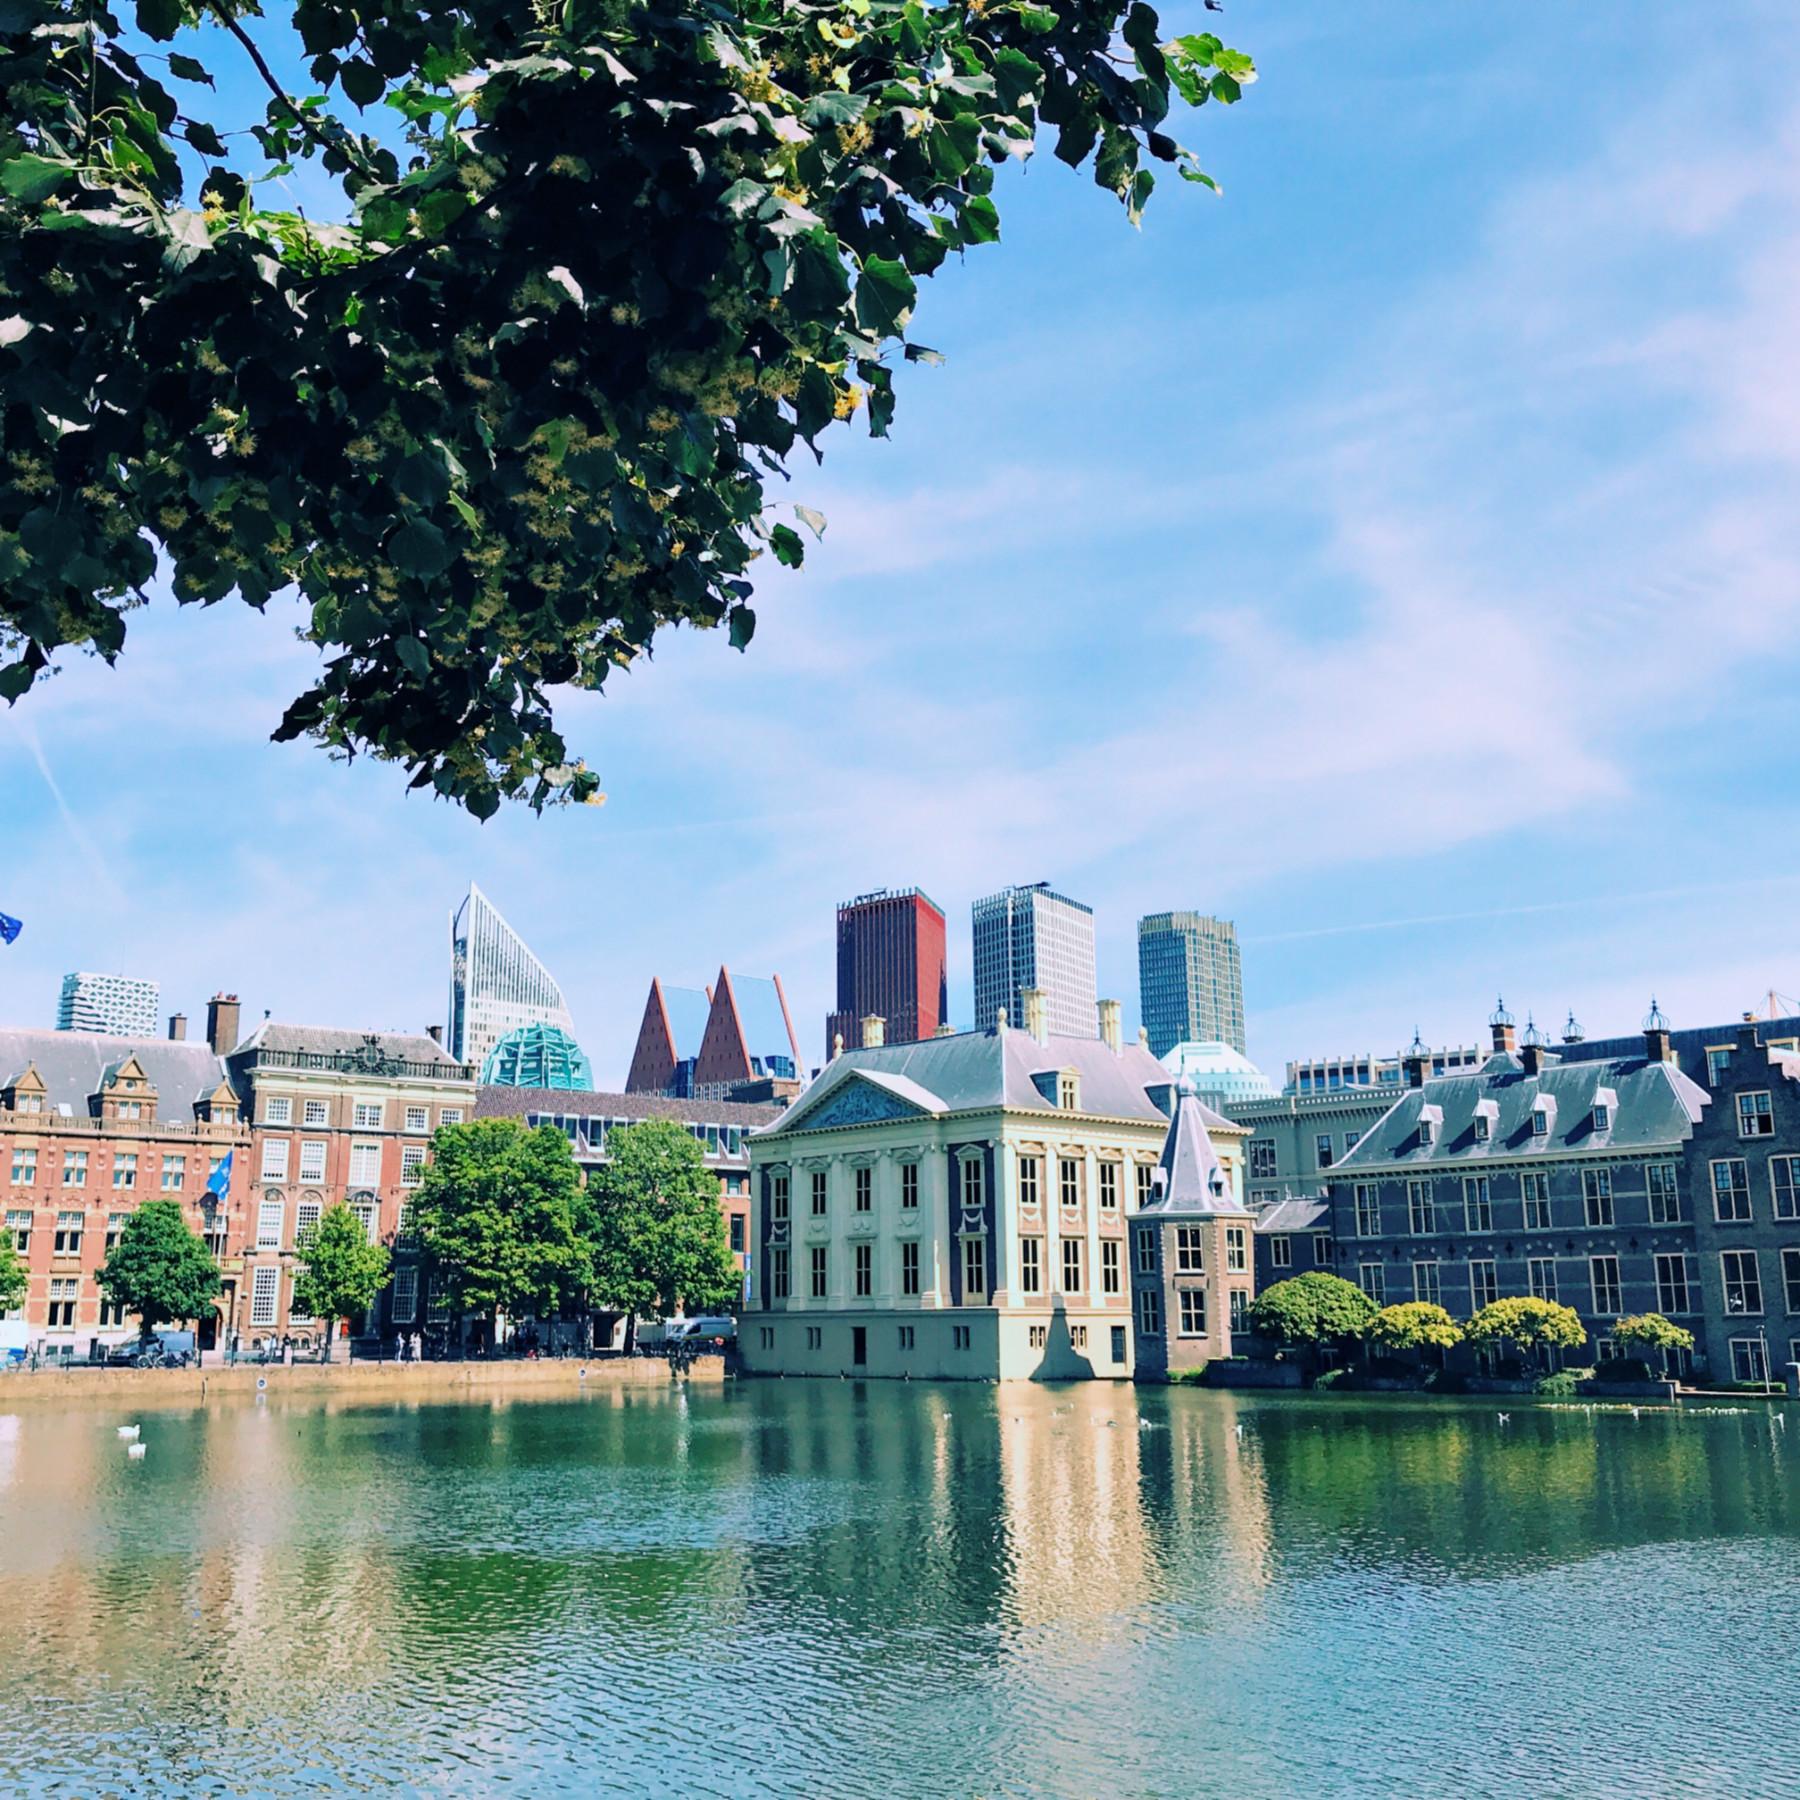 031-Nederland-Den Haag